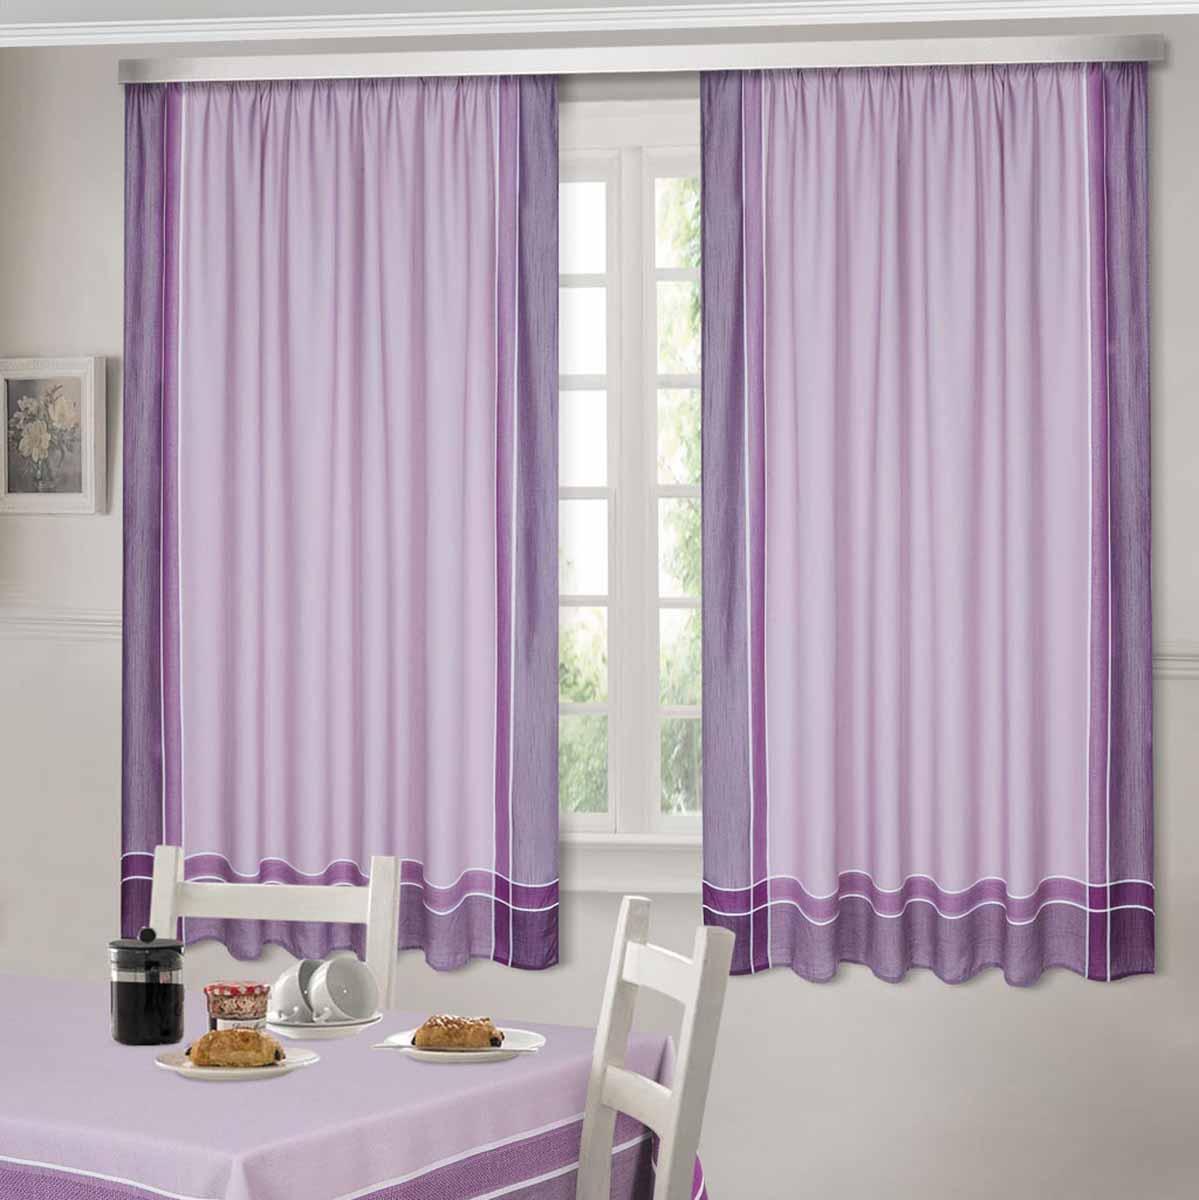 Комплект штор ТД Текстиль Шик, на ленте, цвет: сиреневый, высота 180 смS03301004Шторы выполнены из искусственной ткани под лен. Цвета в ассортименте. В наличии присутствуют скатерти из этой же ткани в двух размерах.